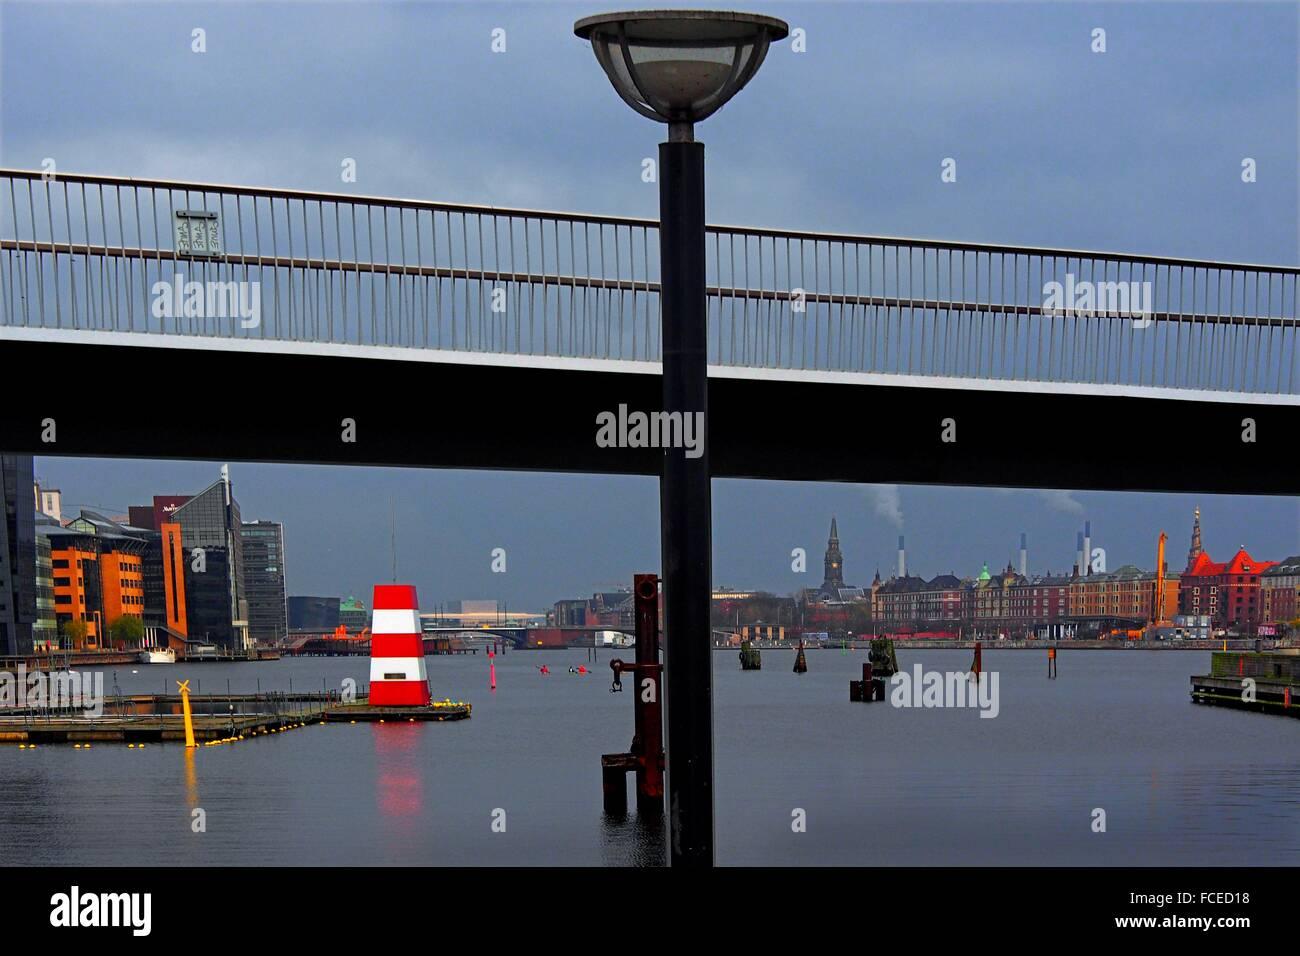 Harbour area from Fisketorvet, Copenhagen, Sjælland, Denmark - Stock Image